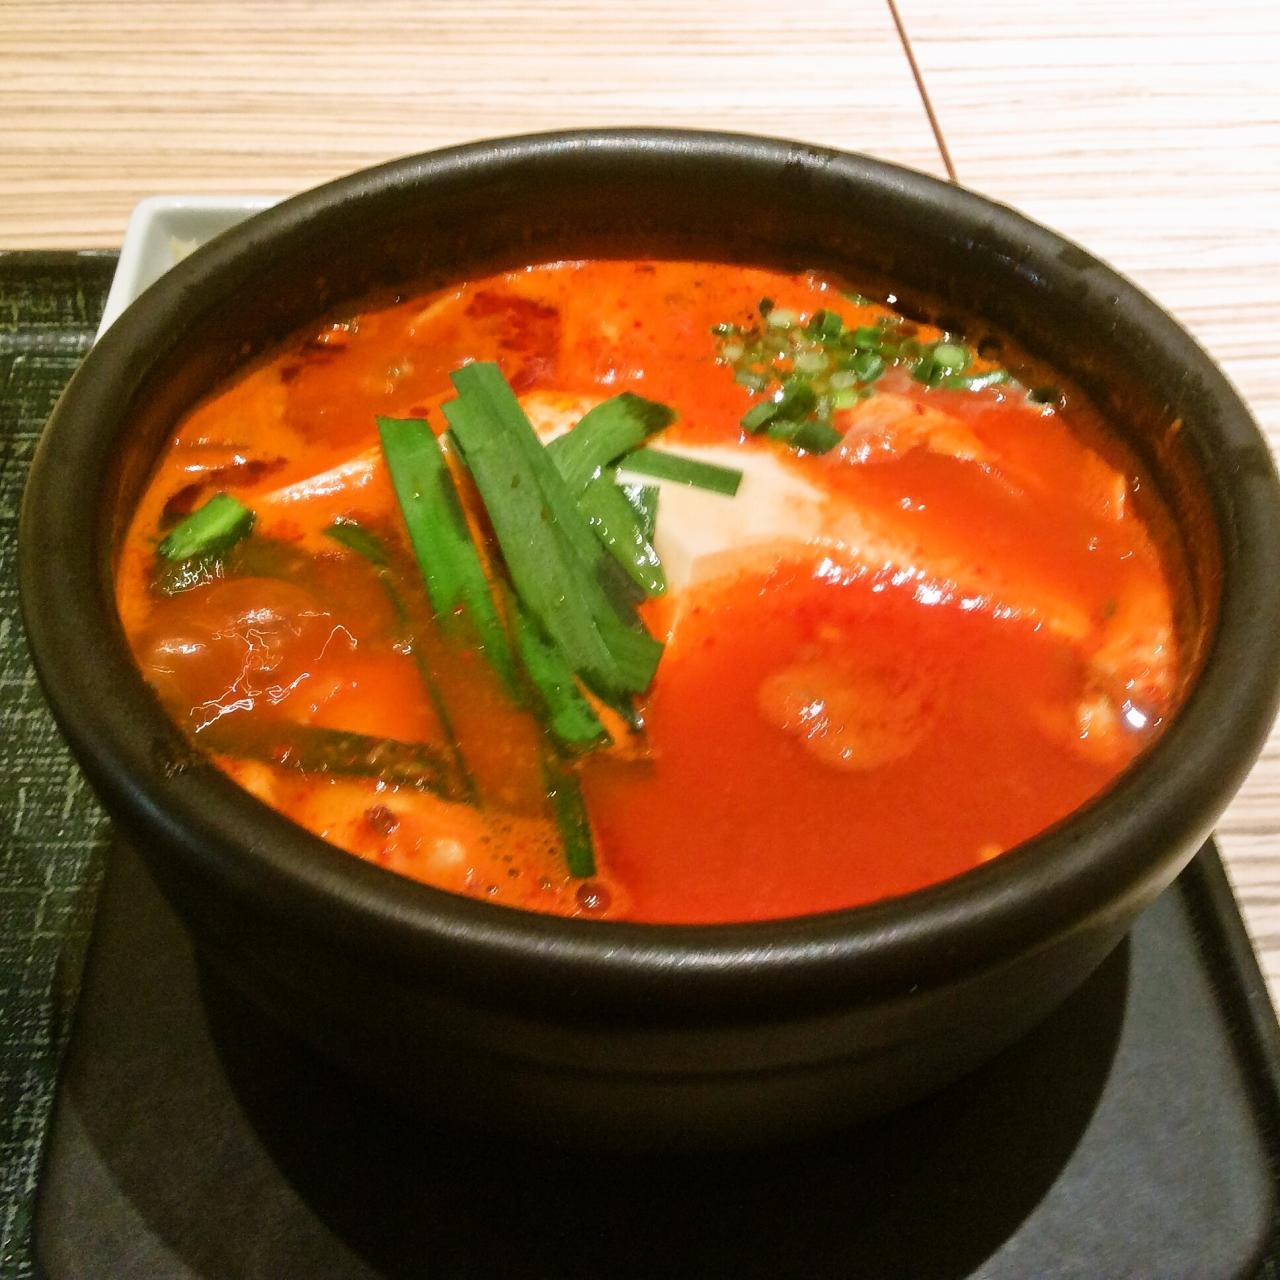 東京純豆腐ノクティプラザ店(酸辣スンドゥブ)